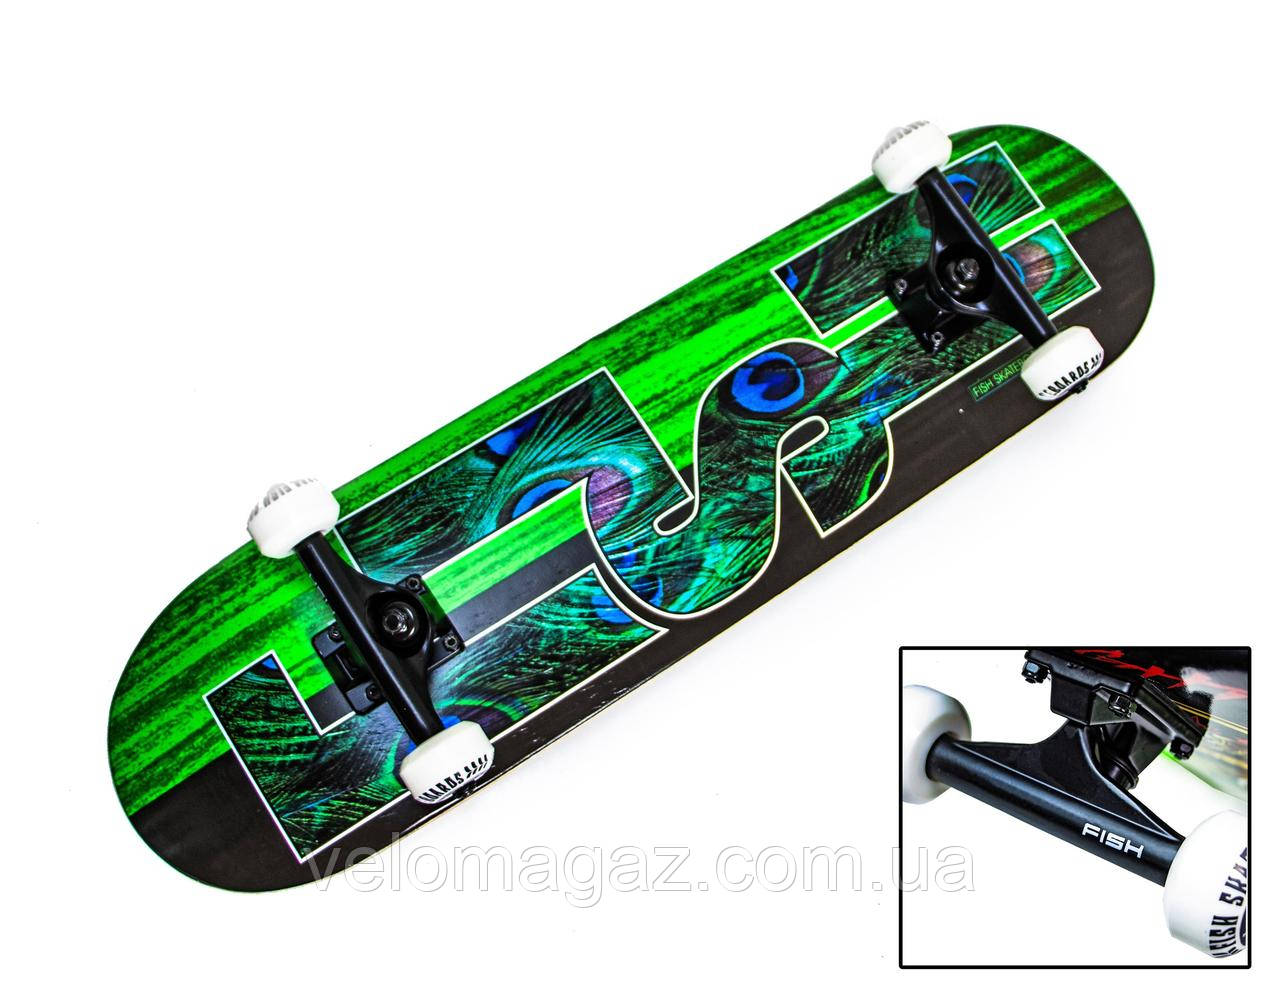 Дерев'яний скейтборд GREEN PEAFOWL, 79*20 см, клен